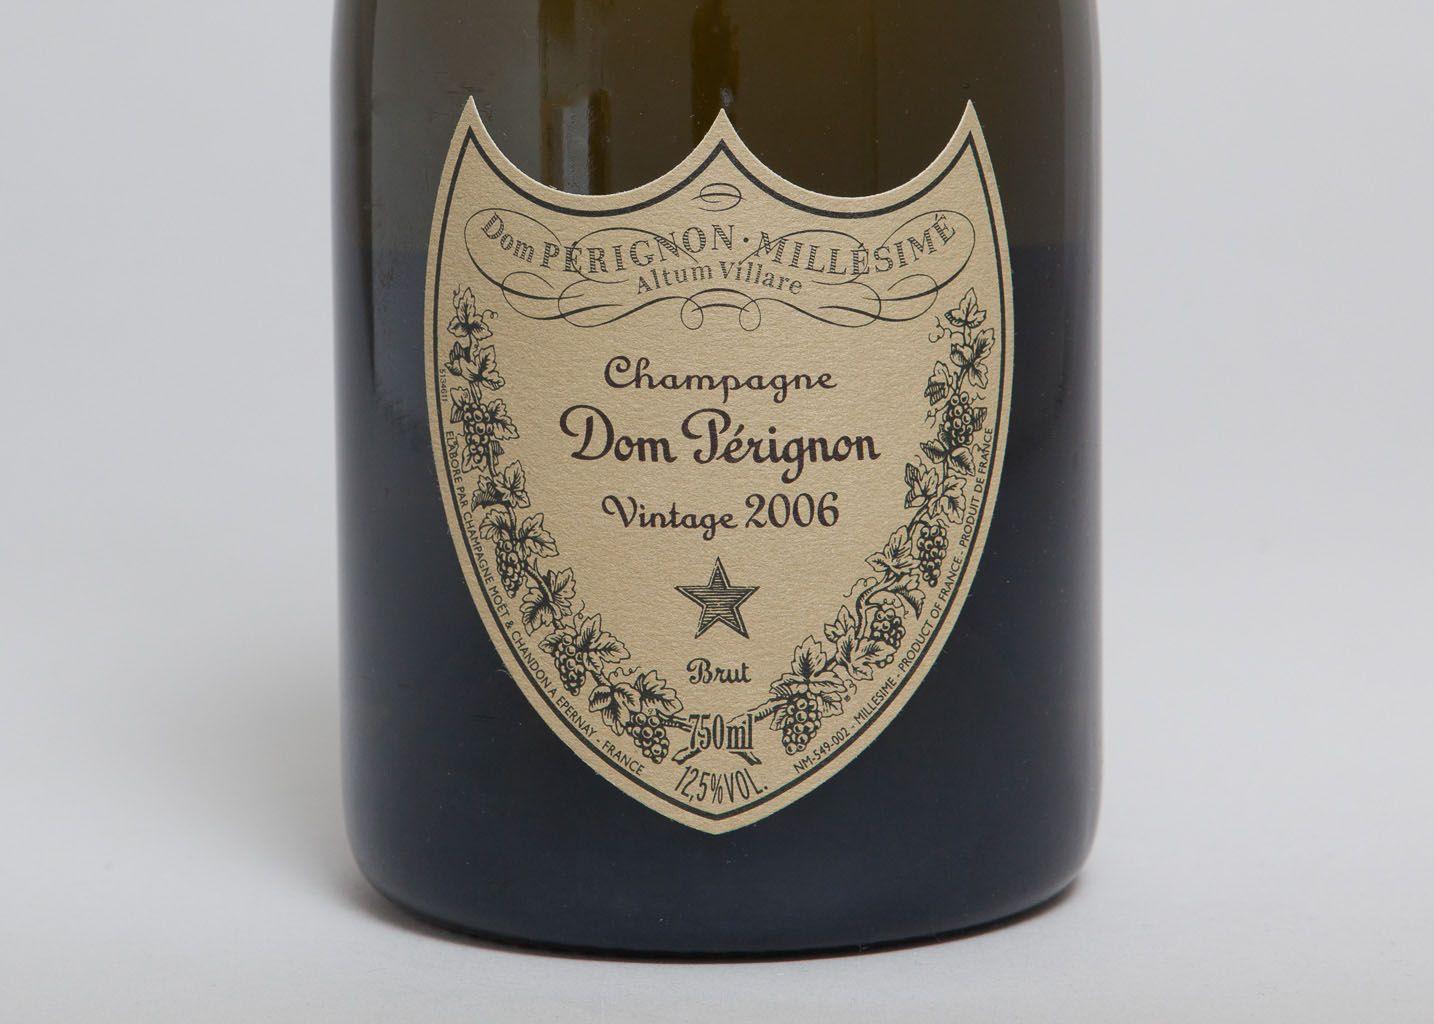 Dom Pérignon Vintage 2006 - La Cave à Champagne